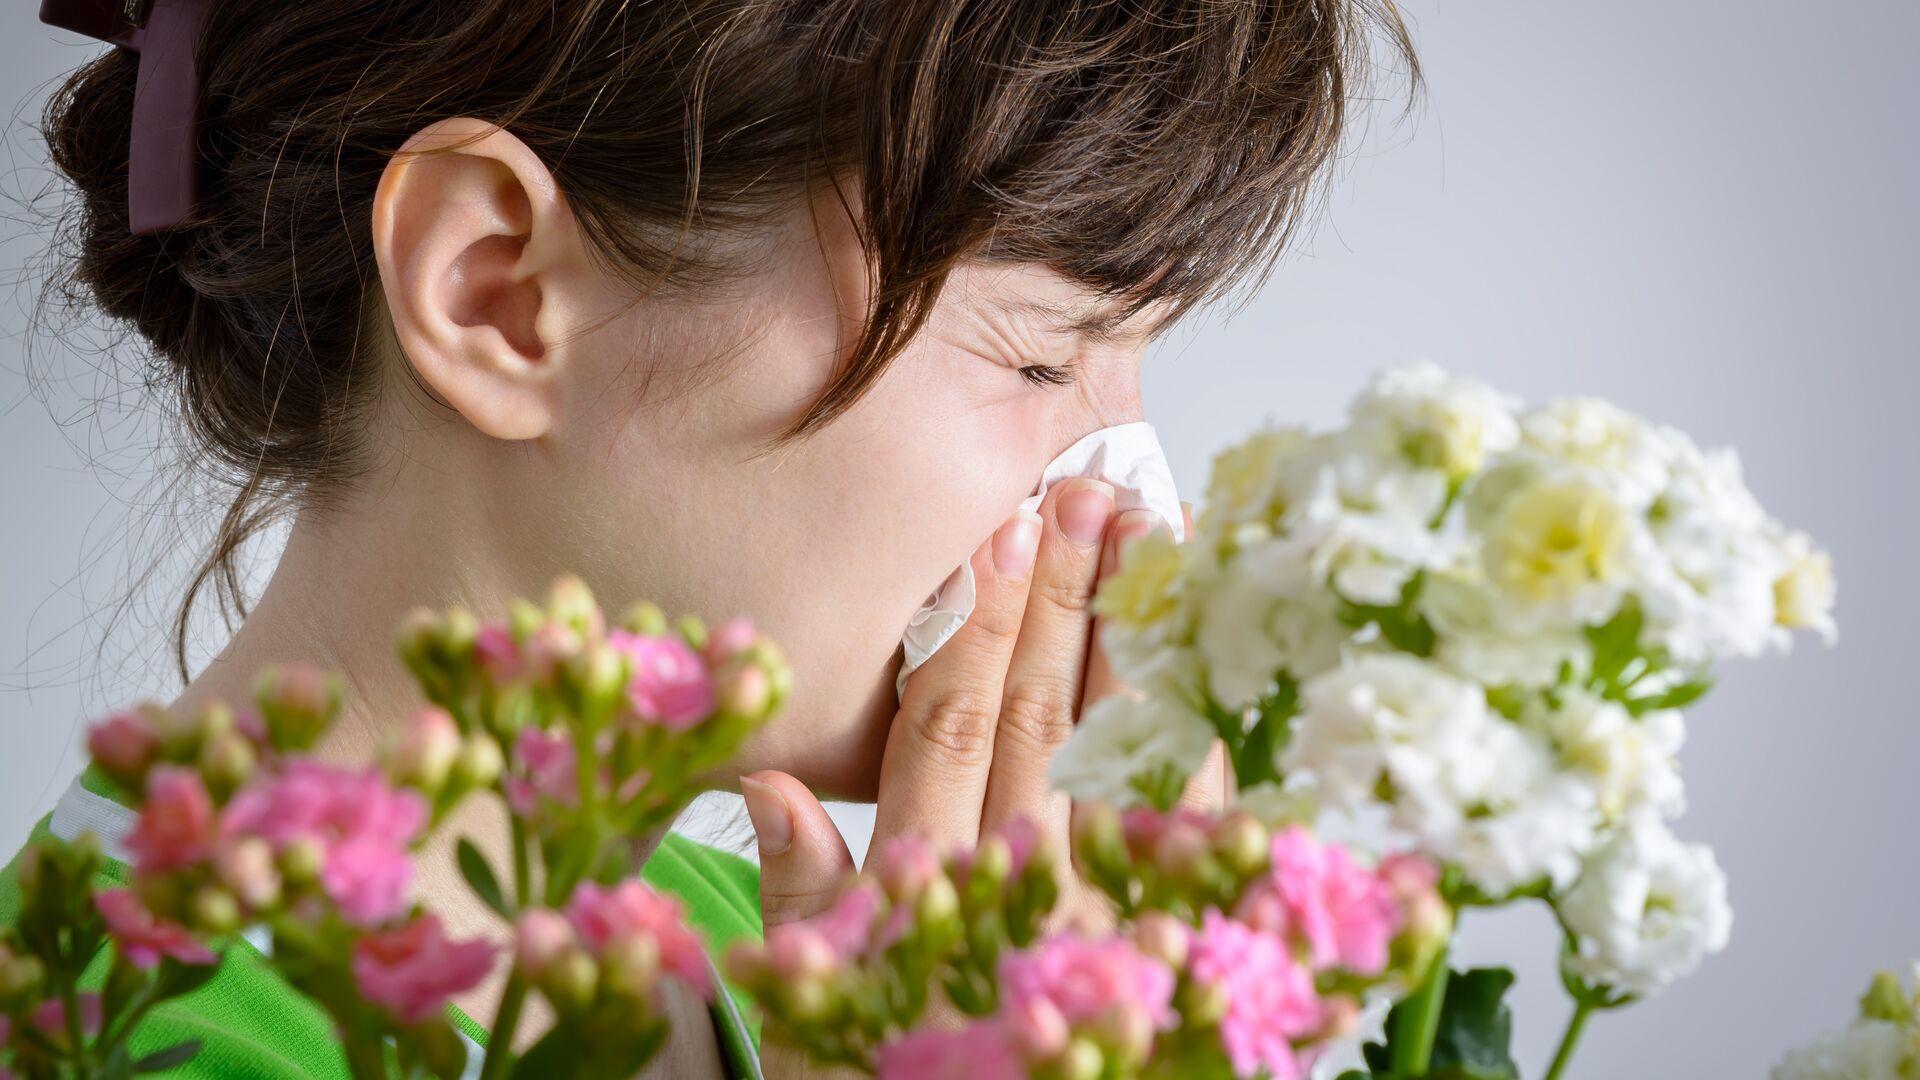 Роспотребнадзор дал рекомендации страдающим сезонной аллергией